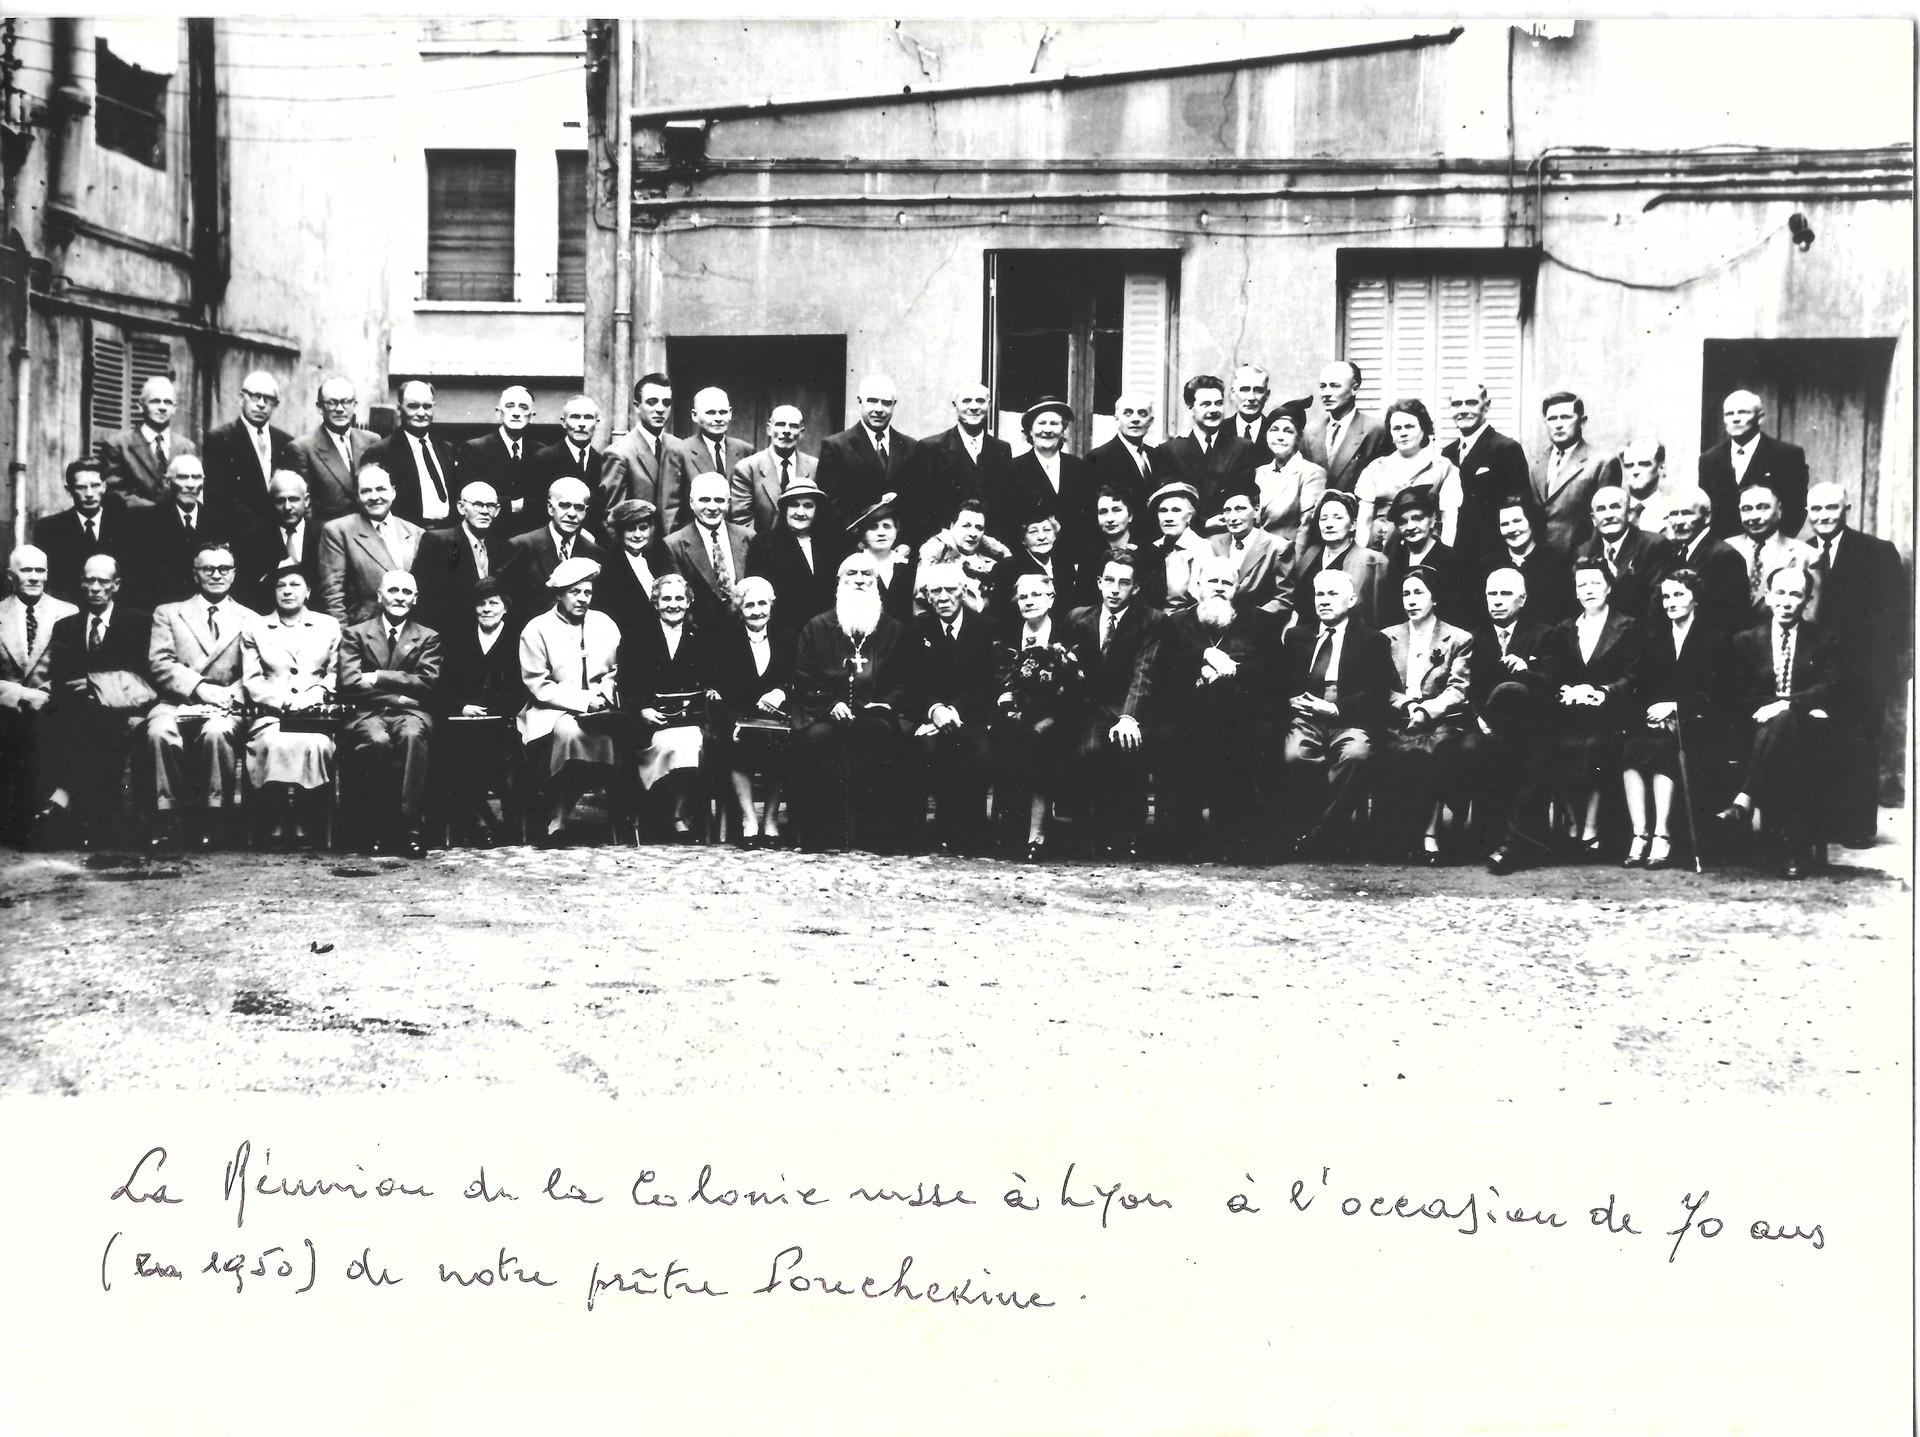 Une réunion des deux églises russes de Lyon en 1950 à l'occasion des 85 ans du Père Pouchkine